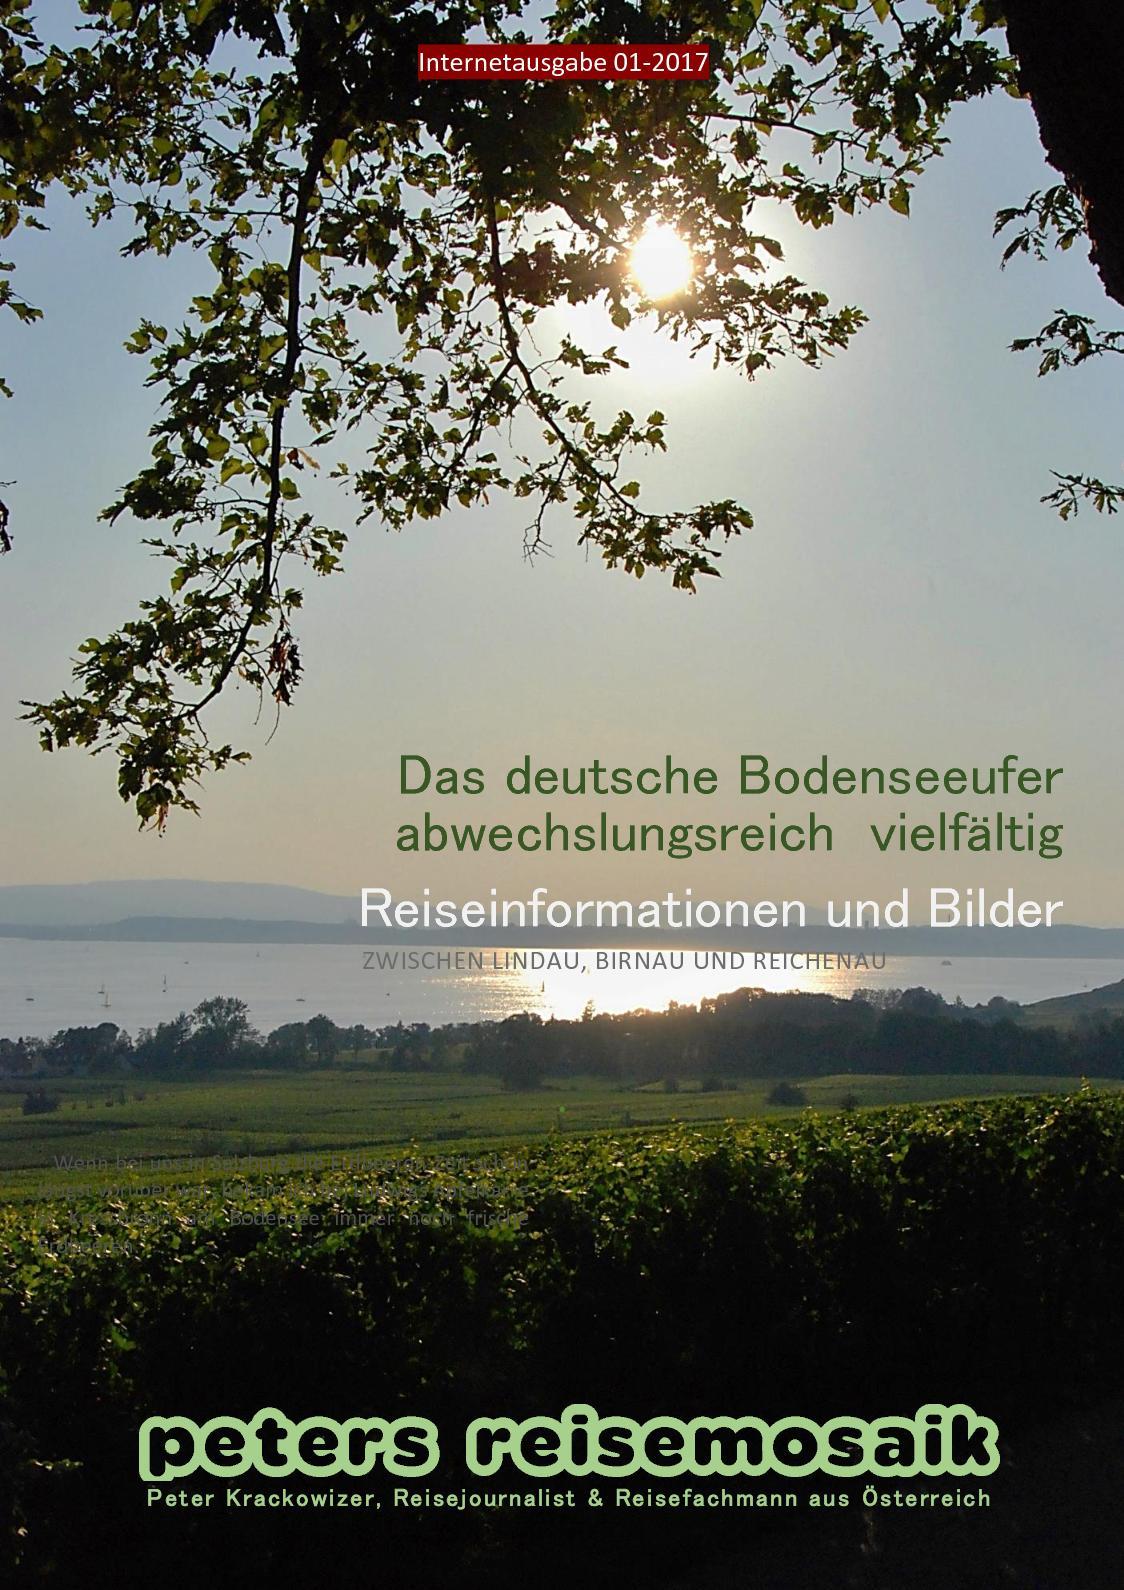 Bodensee-Reisemagazin von Peter Krackowizer, anklicken und im Internet lesen